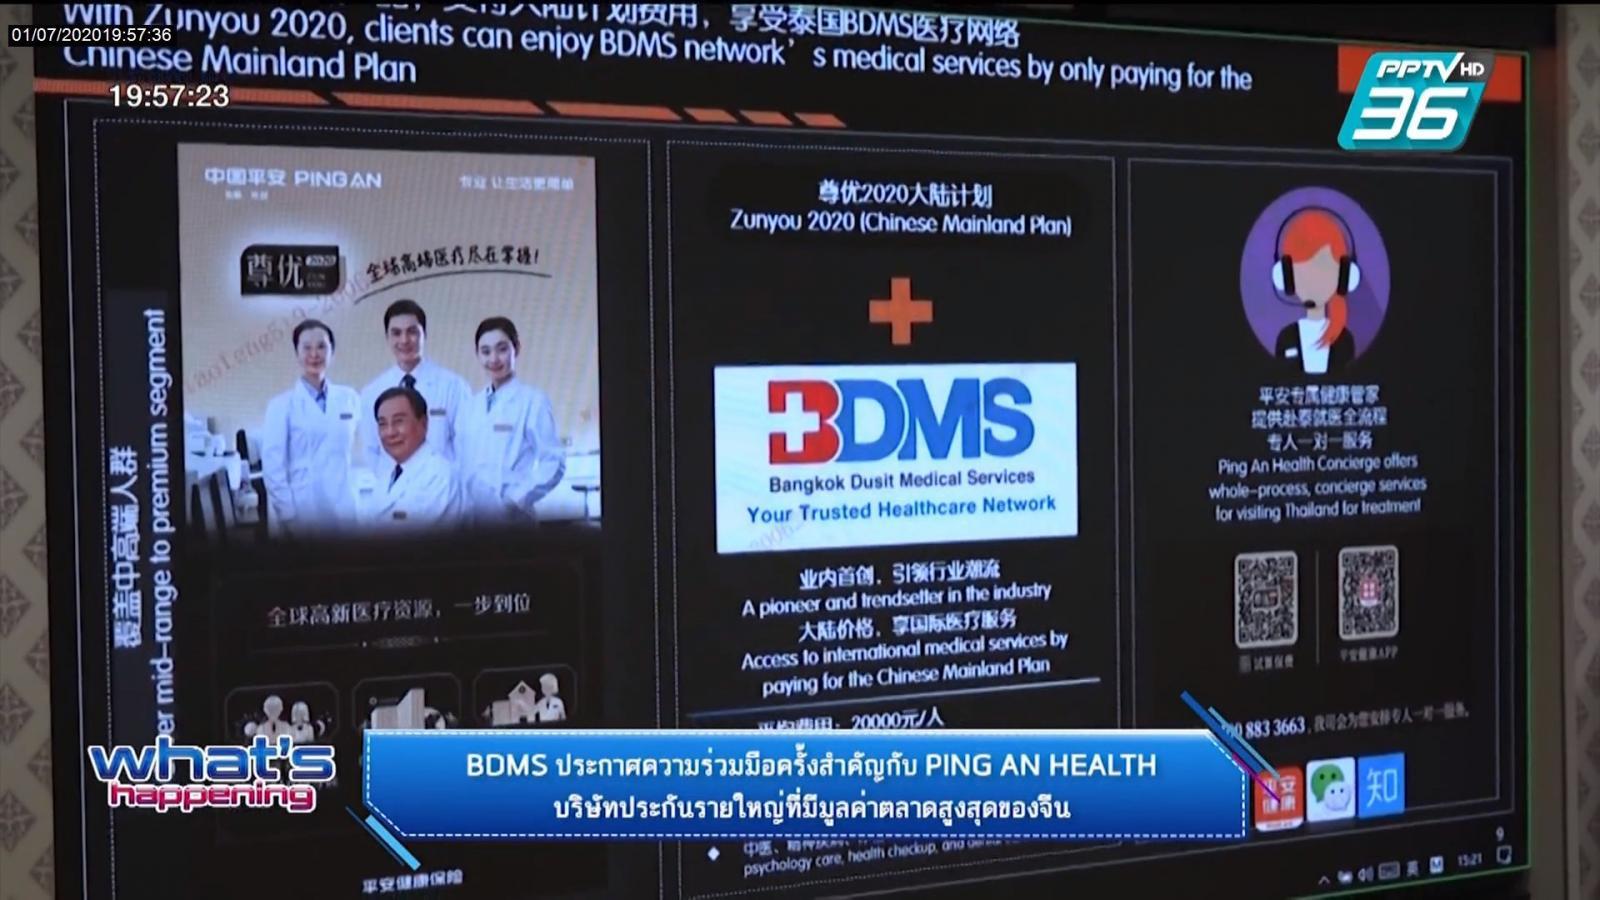 BDMS ประกาศความร่วมมือครั้งสำคัญกับ PING AN HEALTH กับประเทศจีน